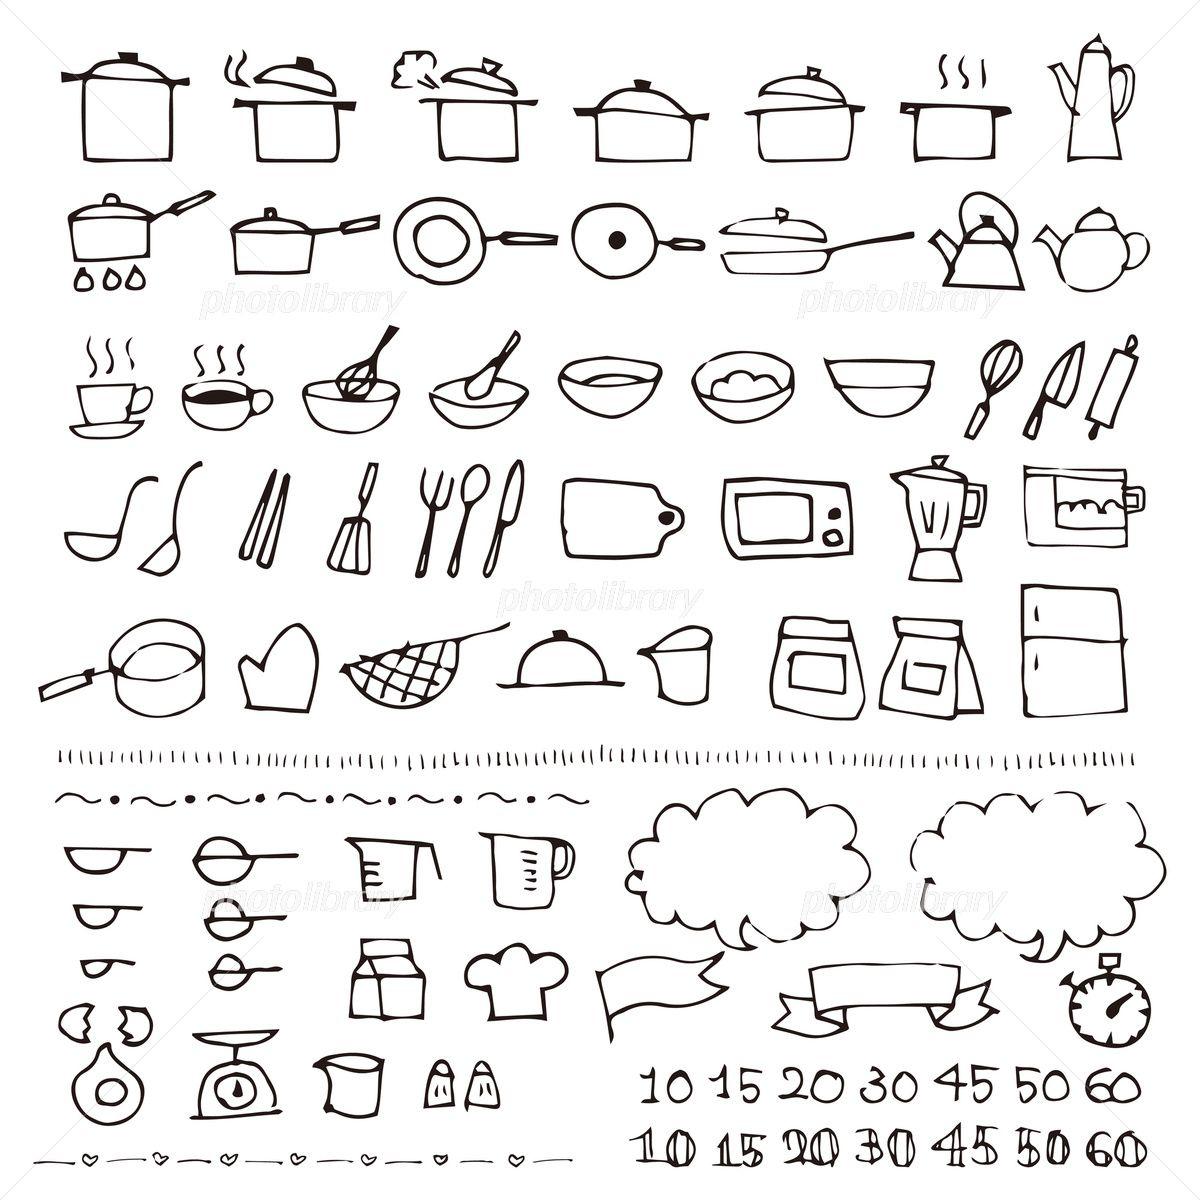 手描きの料理 台所用具スケッチアイコン イラスト素材 フォトライブ